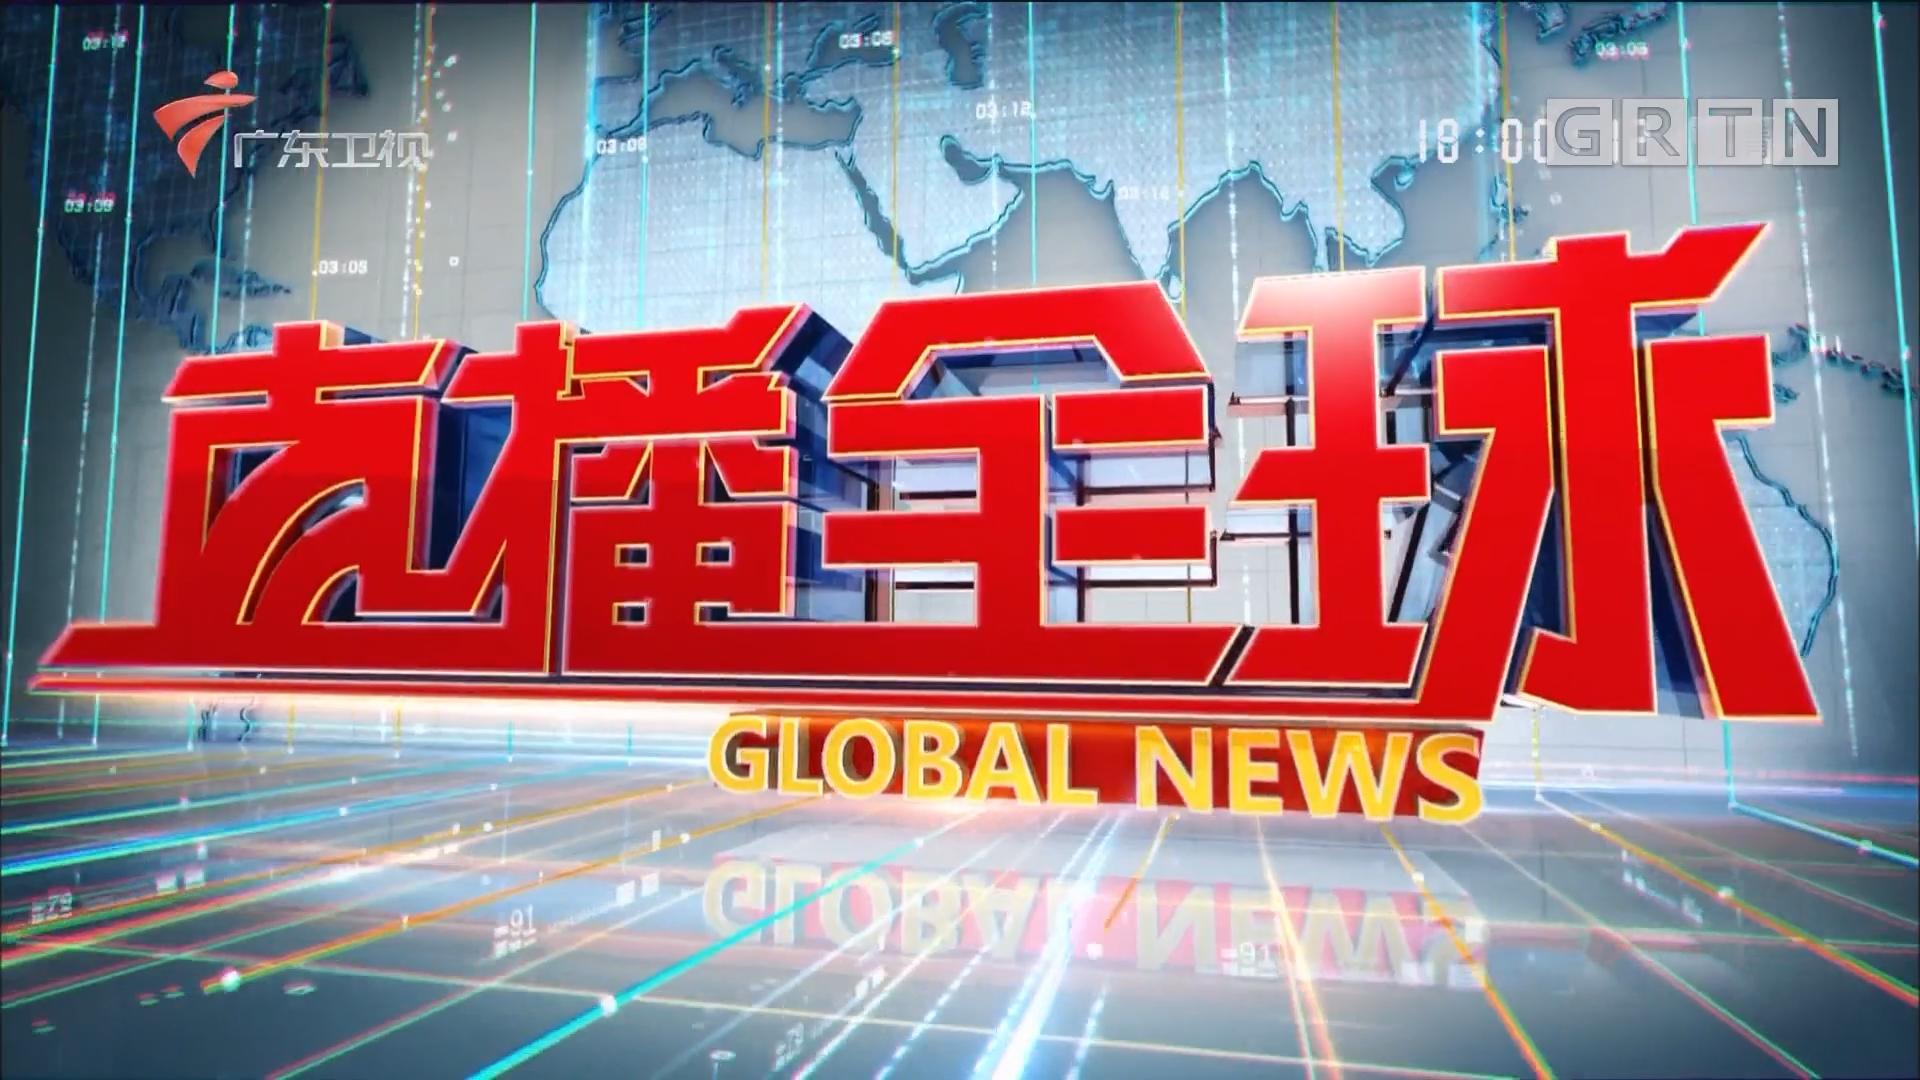 [HD][2018-05-15]直播全球:外交部:刘鹤将于5月15日至19日赴美访问 愿推动中美经贸磋商取得成果